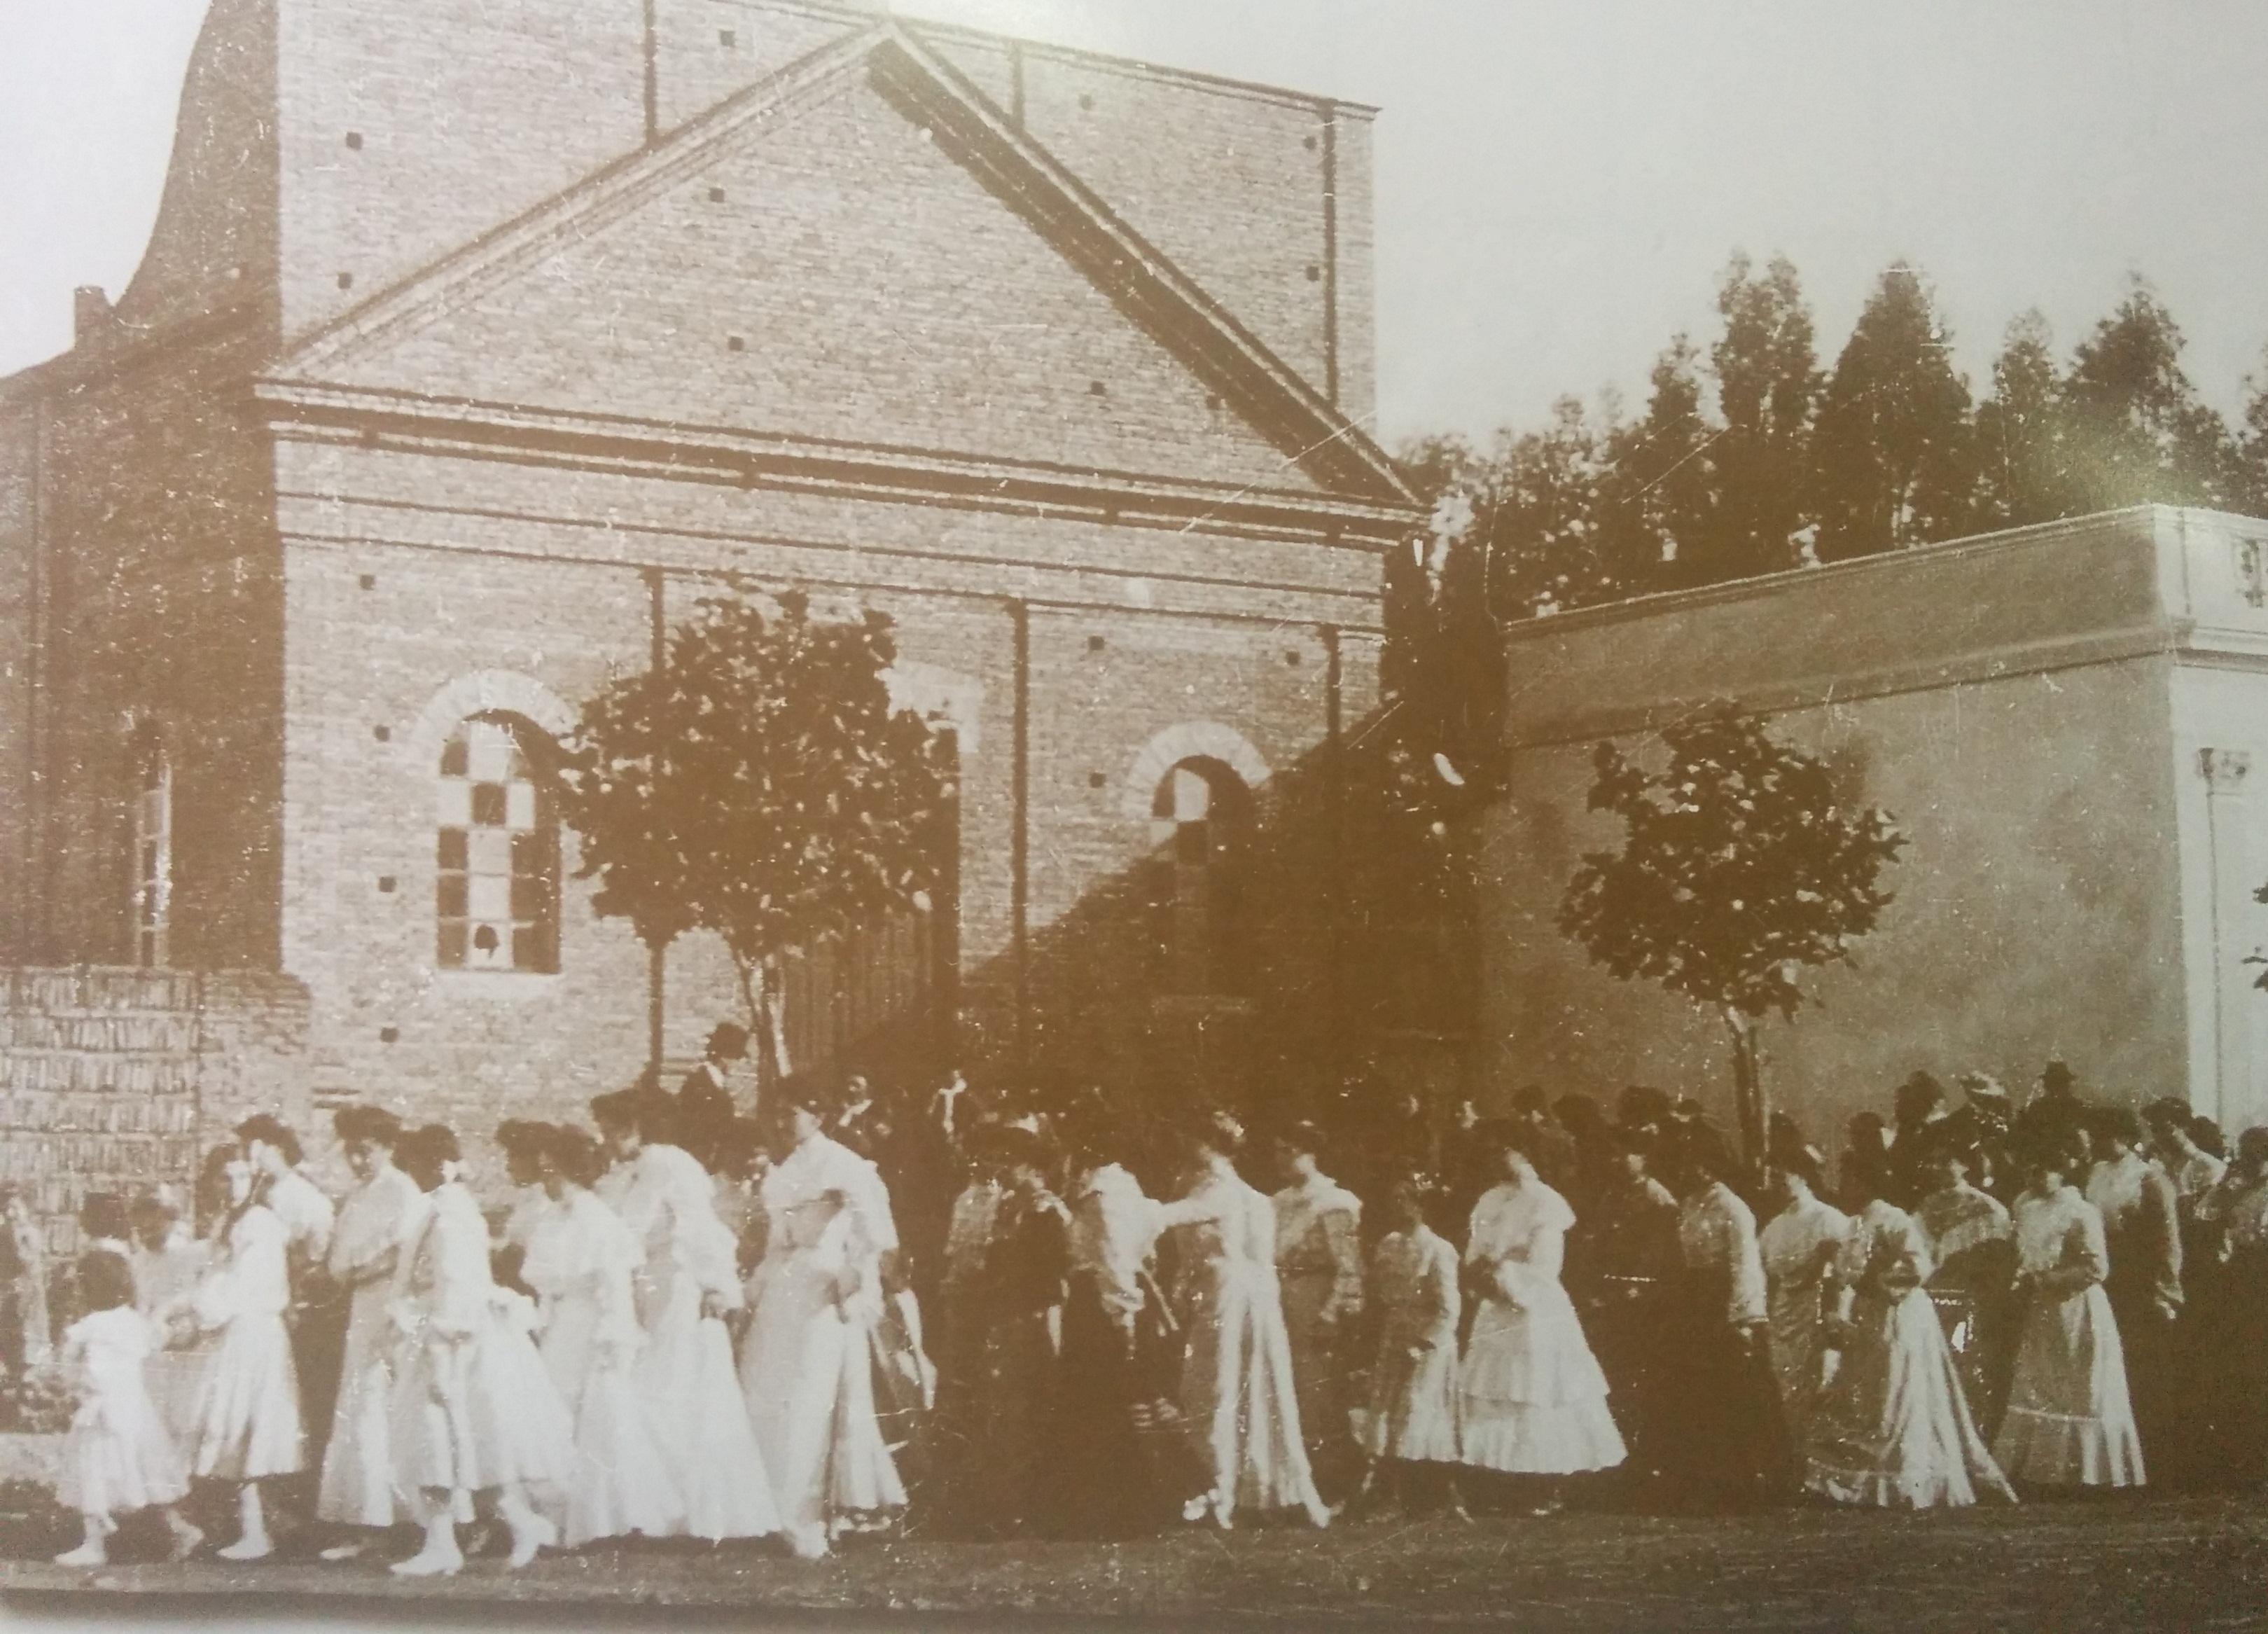 Antigua Capilla, en honor de la Virgen Nuestra Señora del Carmen, inaugurada el 19 de julio de 1896, y declarada Parroquia Nuestra Señora del Carmen, el 16 de julio de 1937.